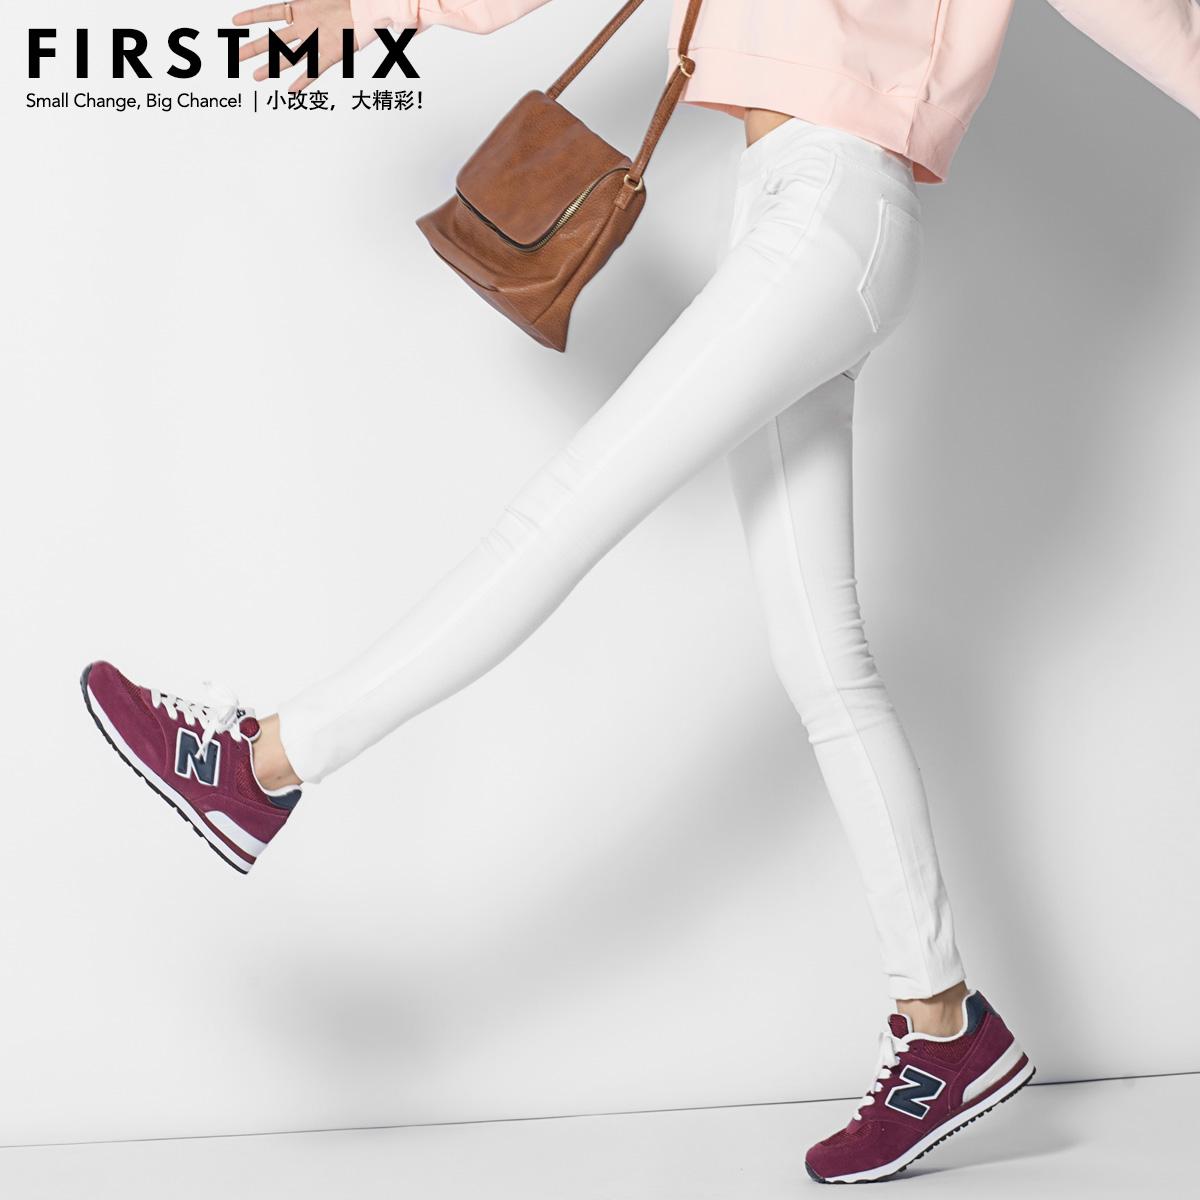 FIRSTMIX小脚裤 外穿打底裤秋冬季女长裤薄款白色铅笔裤韩版显瘦